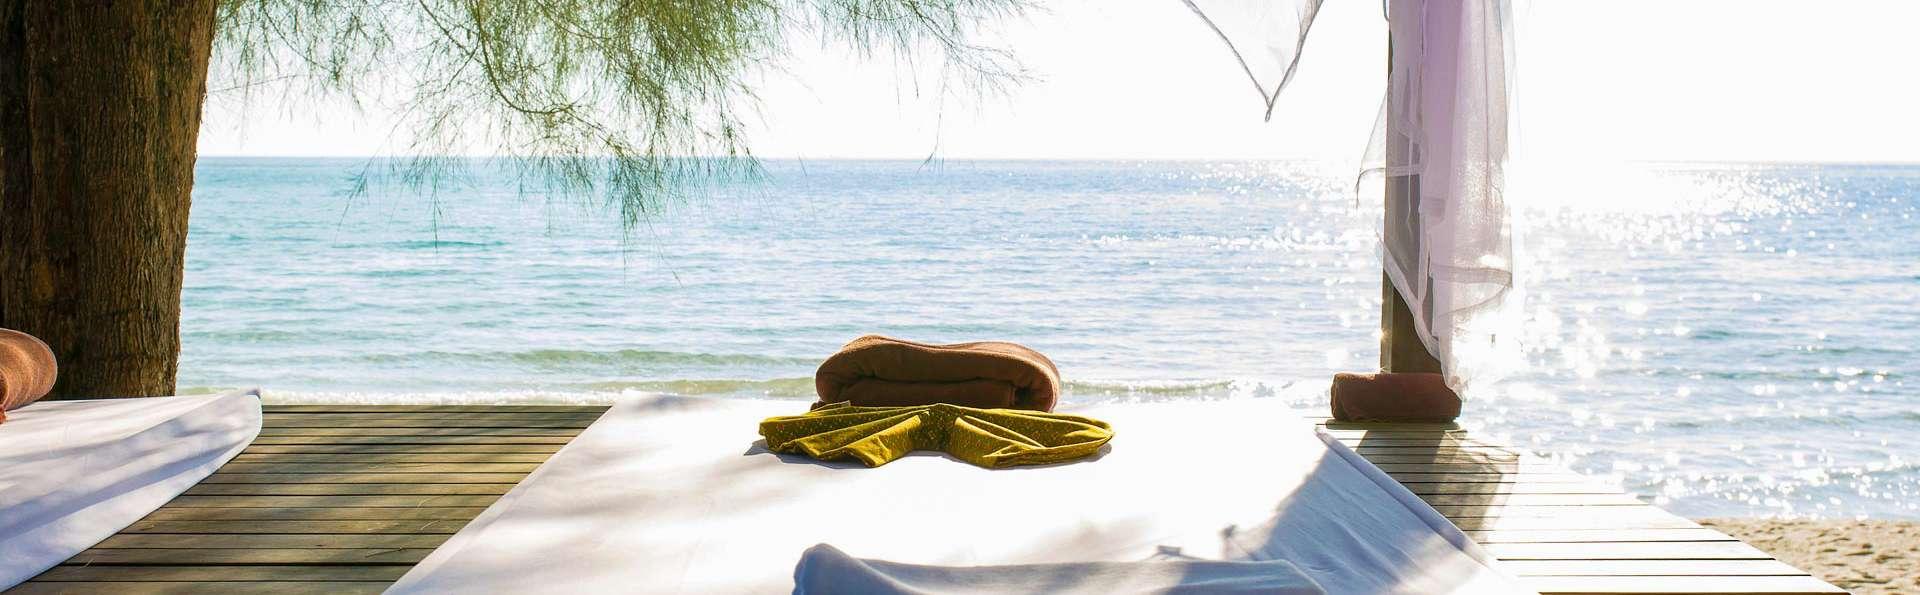 Week-end romantique dans un resort sur le Golfe de Follonica